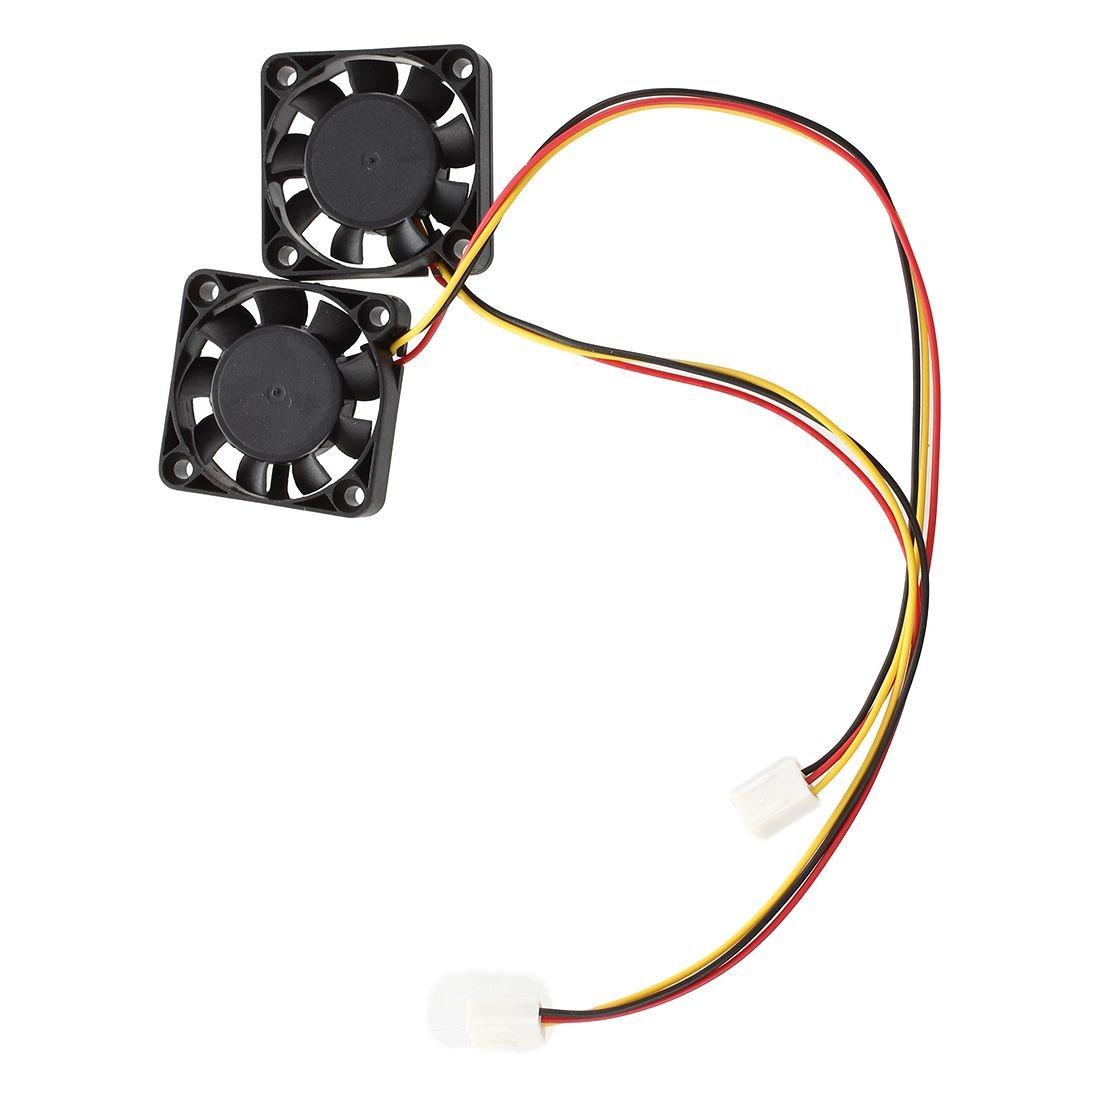 TOOGOO 2 pezzi 3 Pin nero 40 mm Piazza PC Computer ventola di raffreddamento DC 12V R